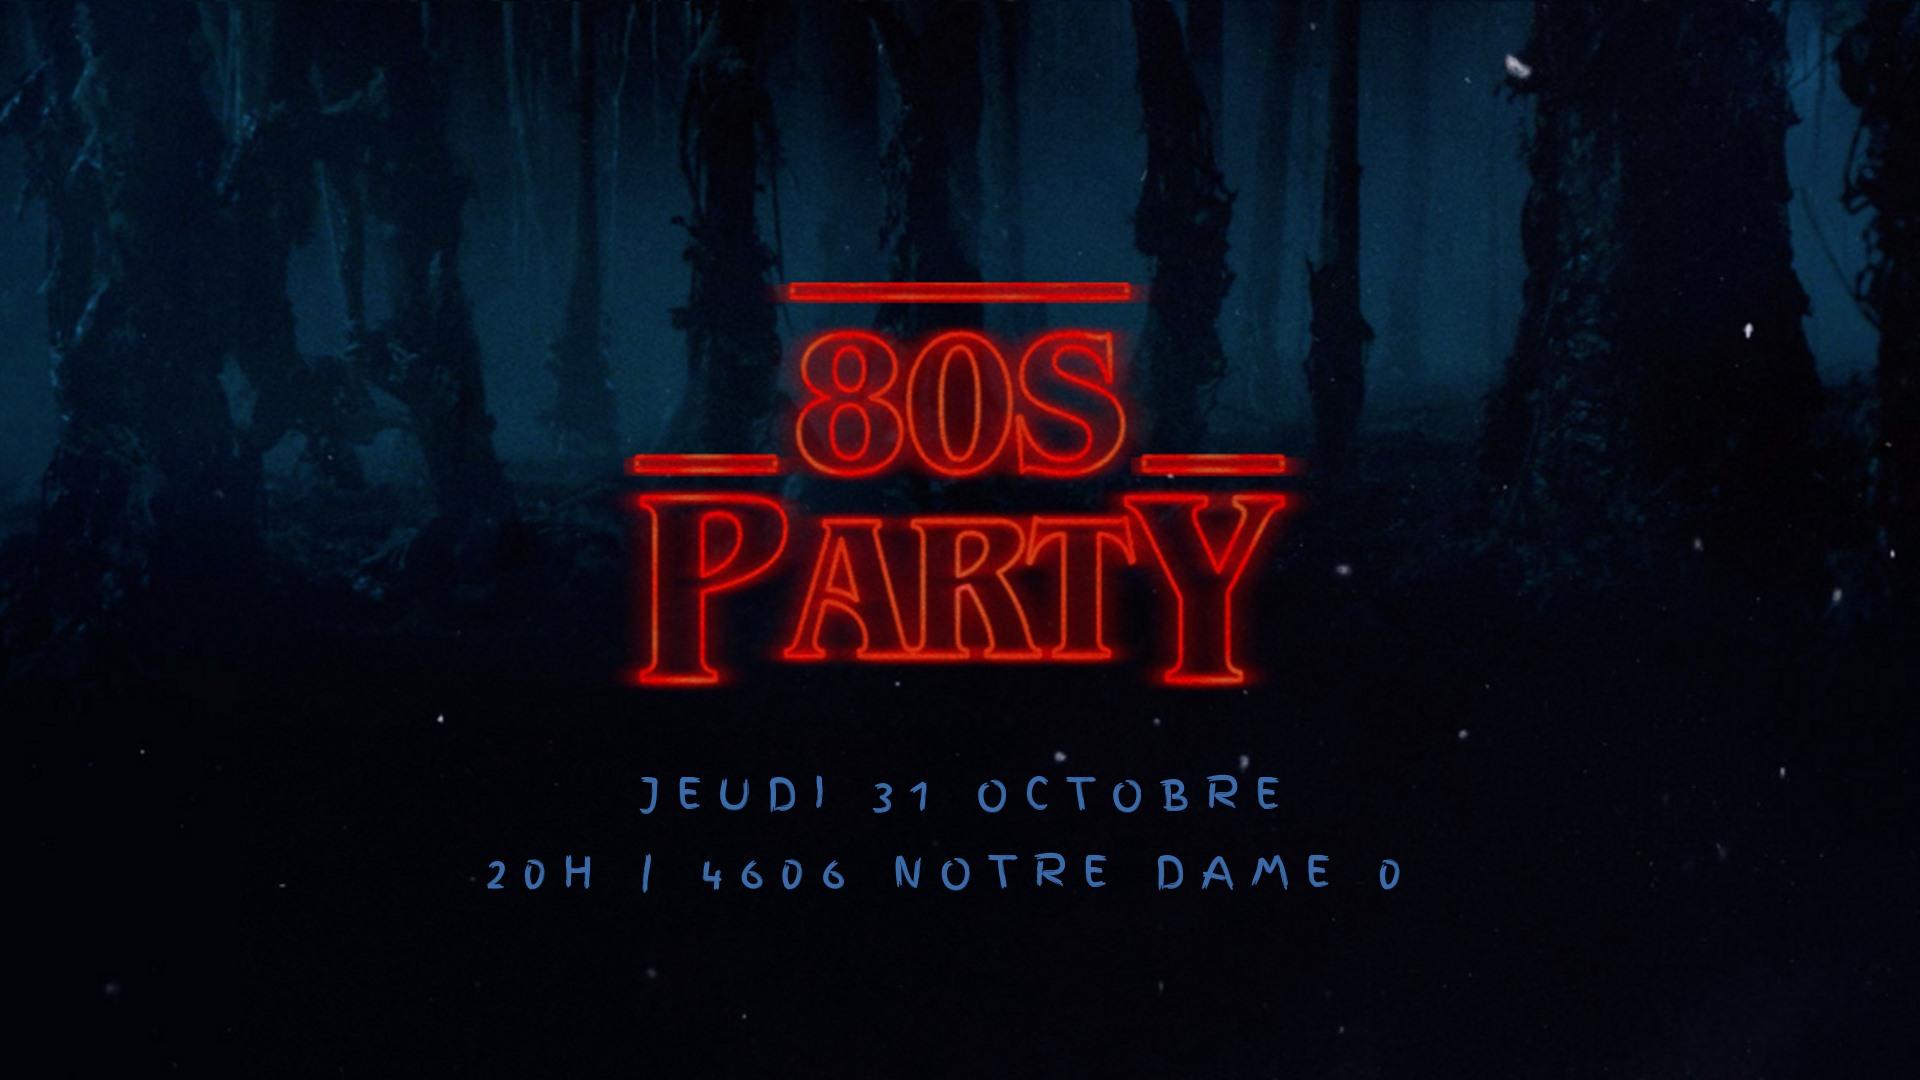 affiche party